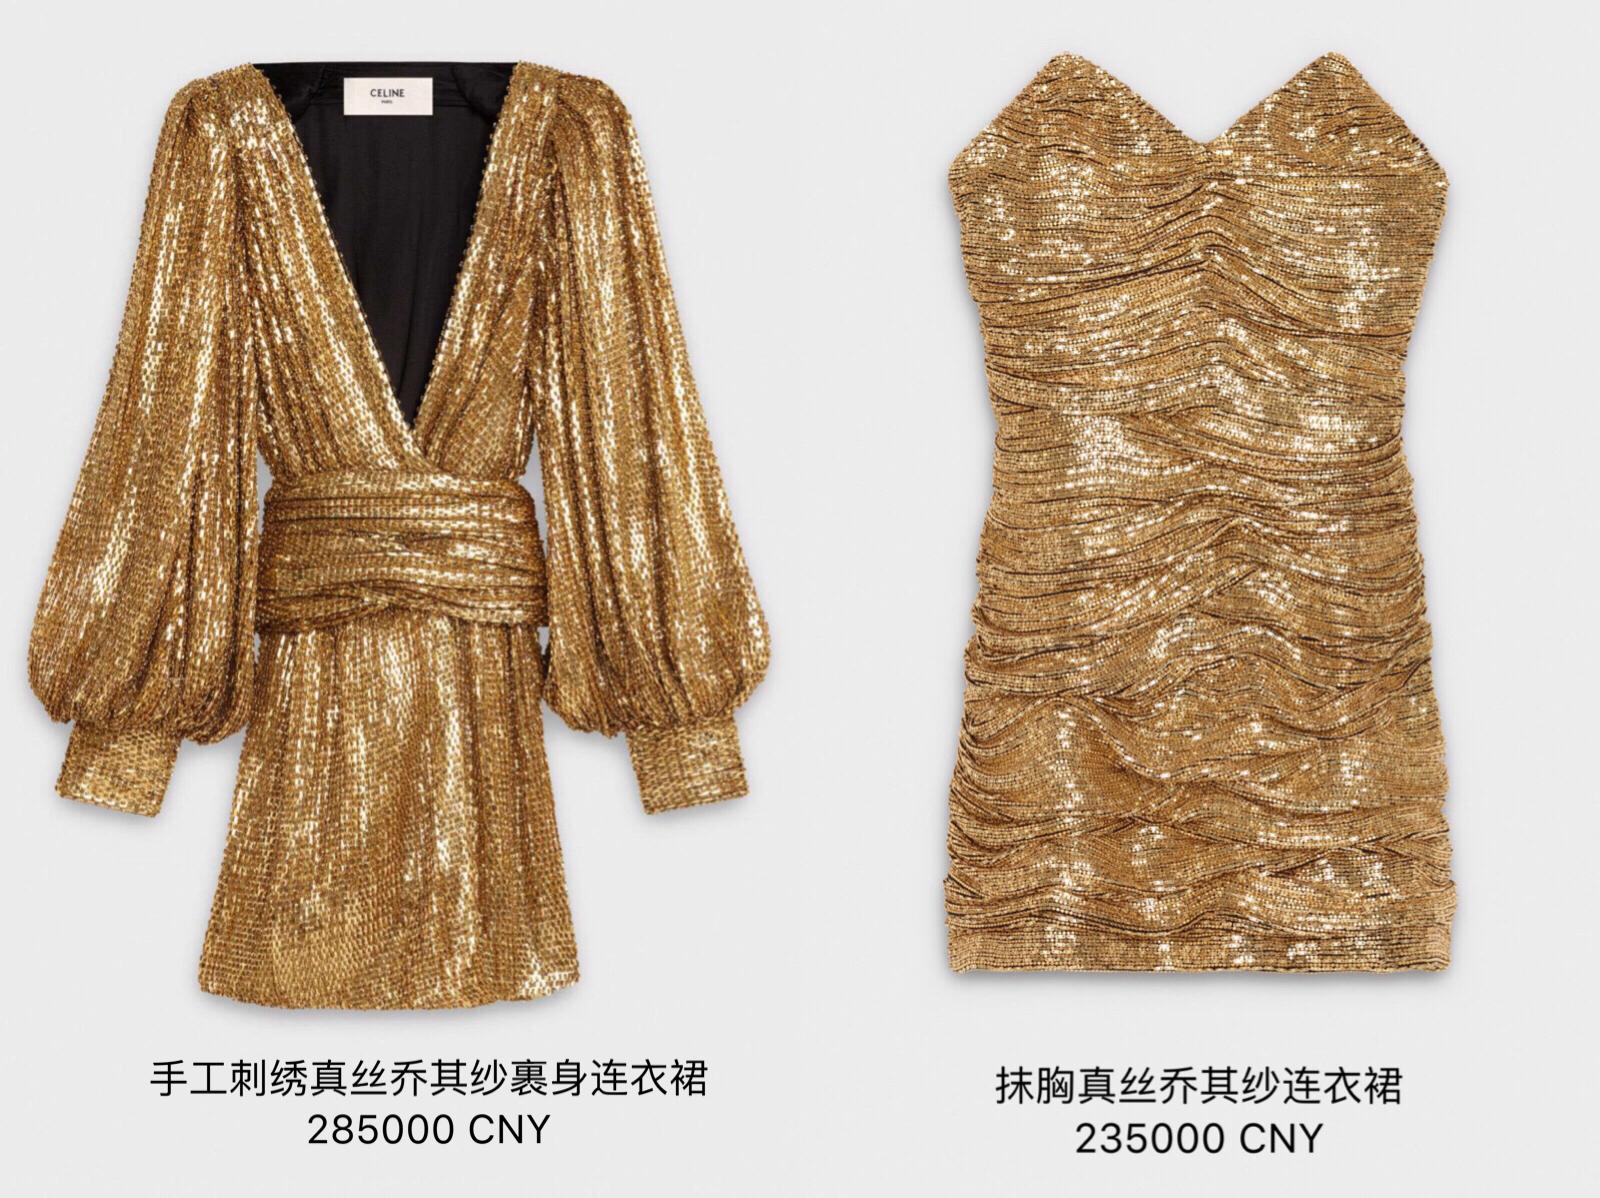 图片来源/CELINE官网